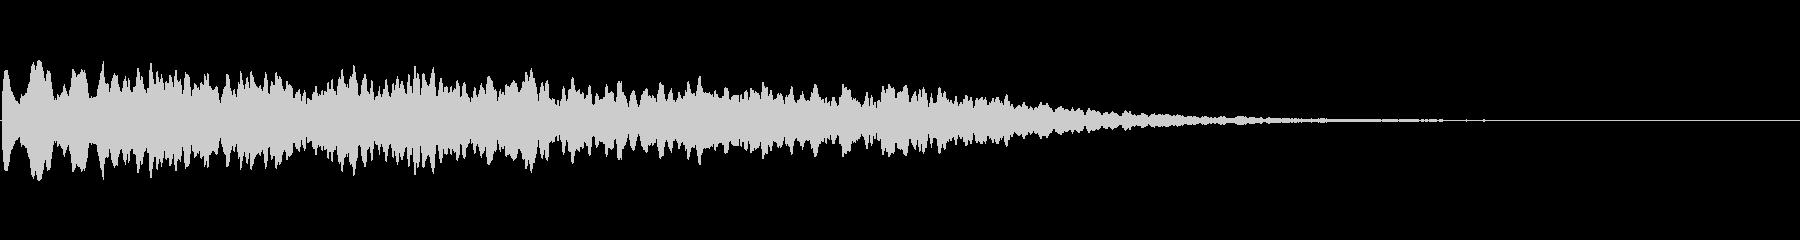 キーン (電子音)の未再生の波形